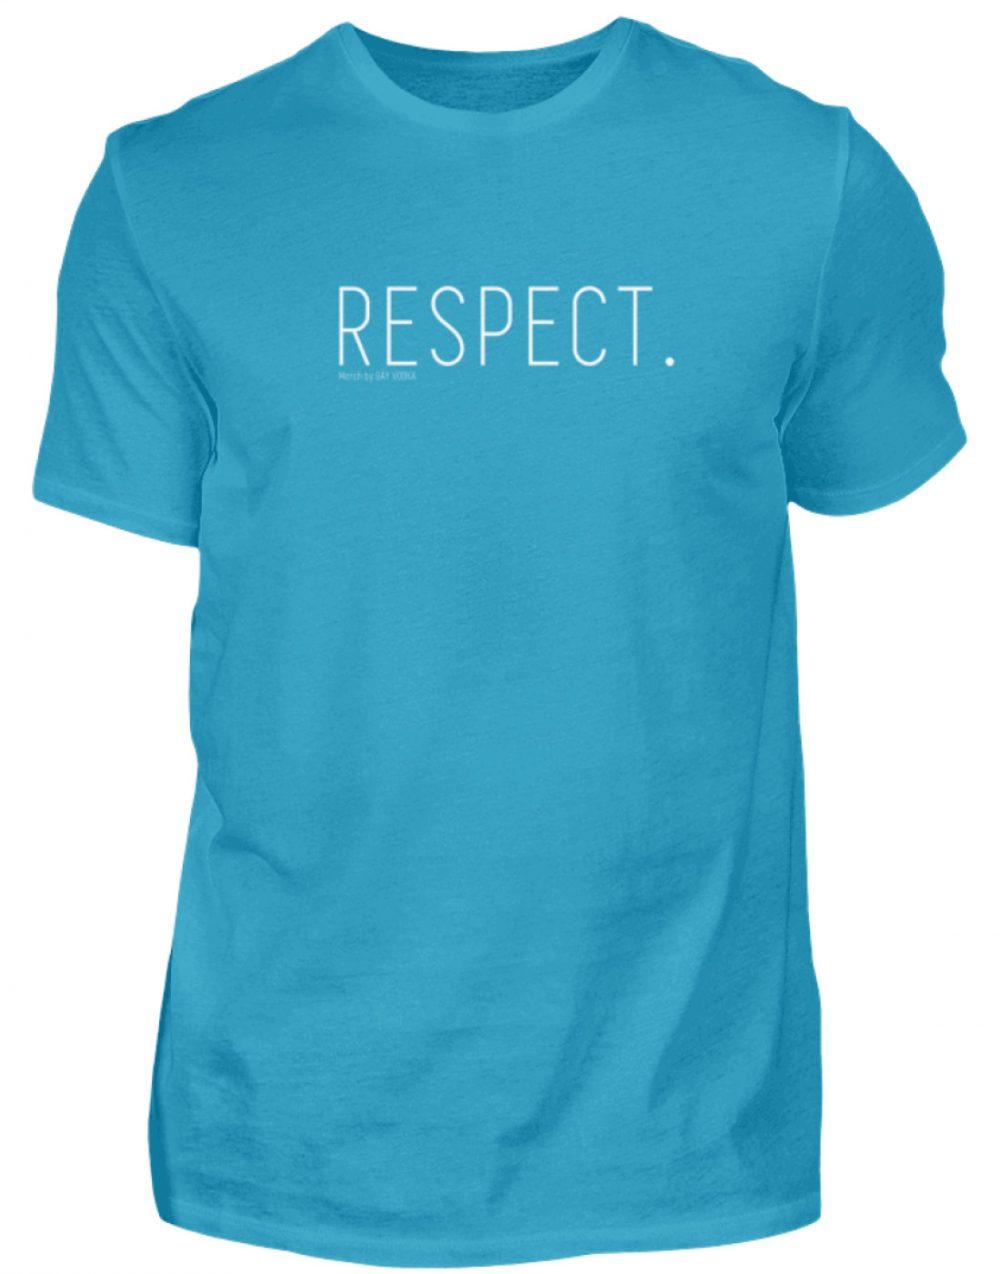 RESPECT. - Herren Premiumshirt-3175